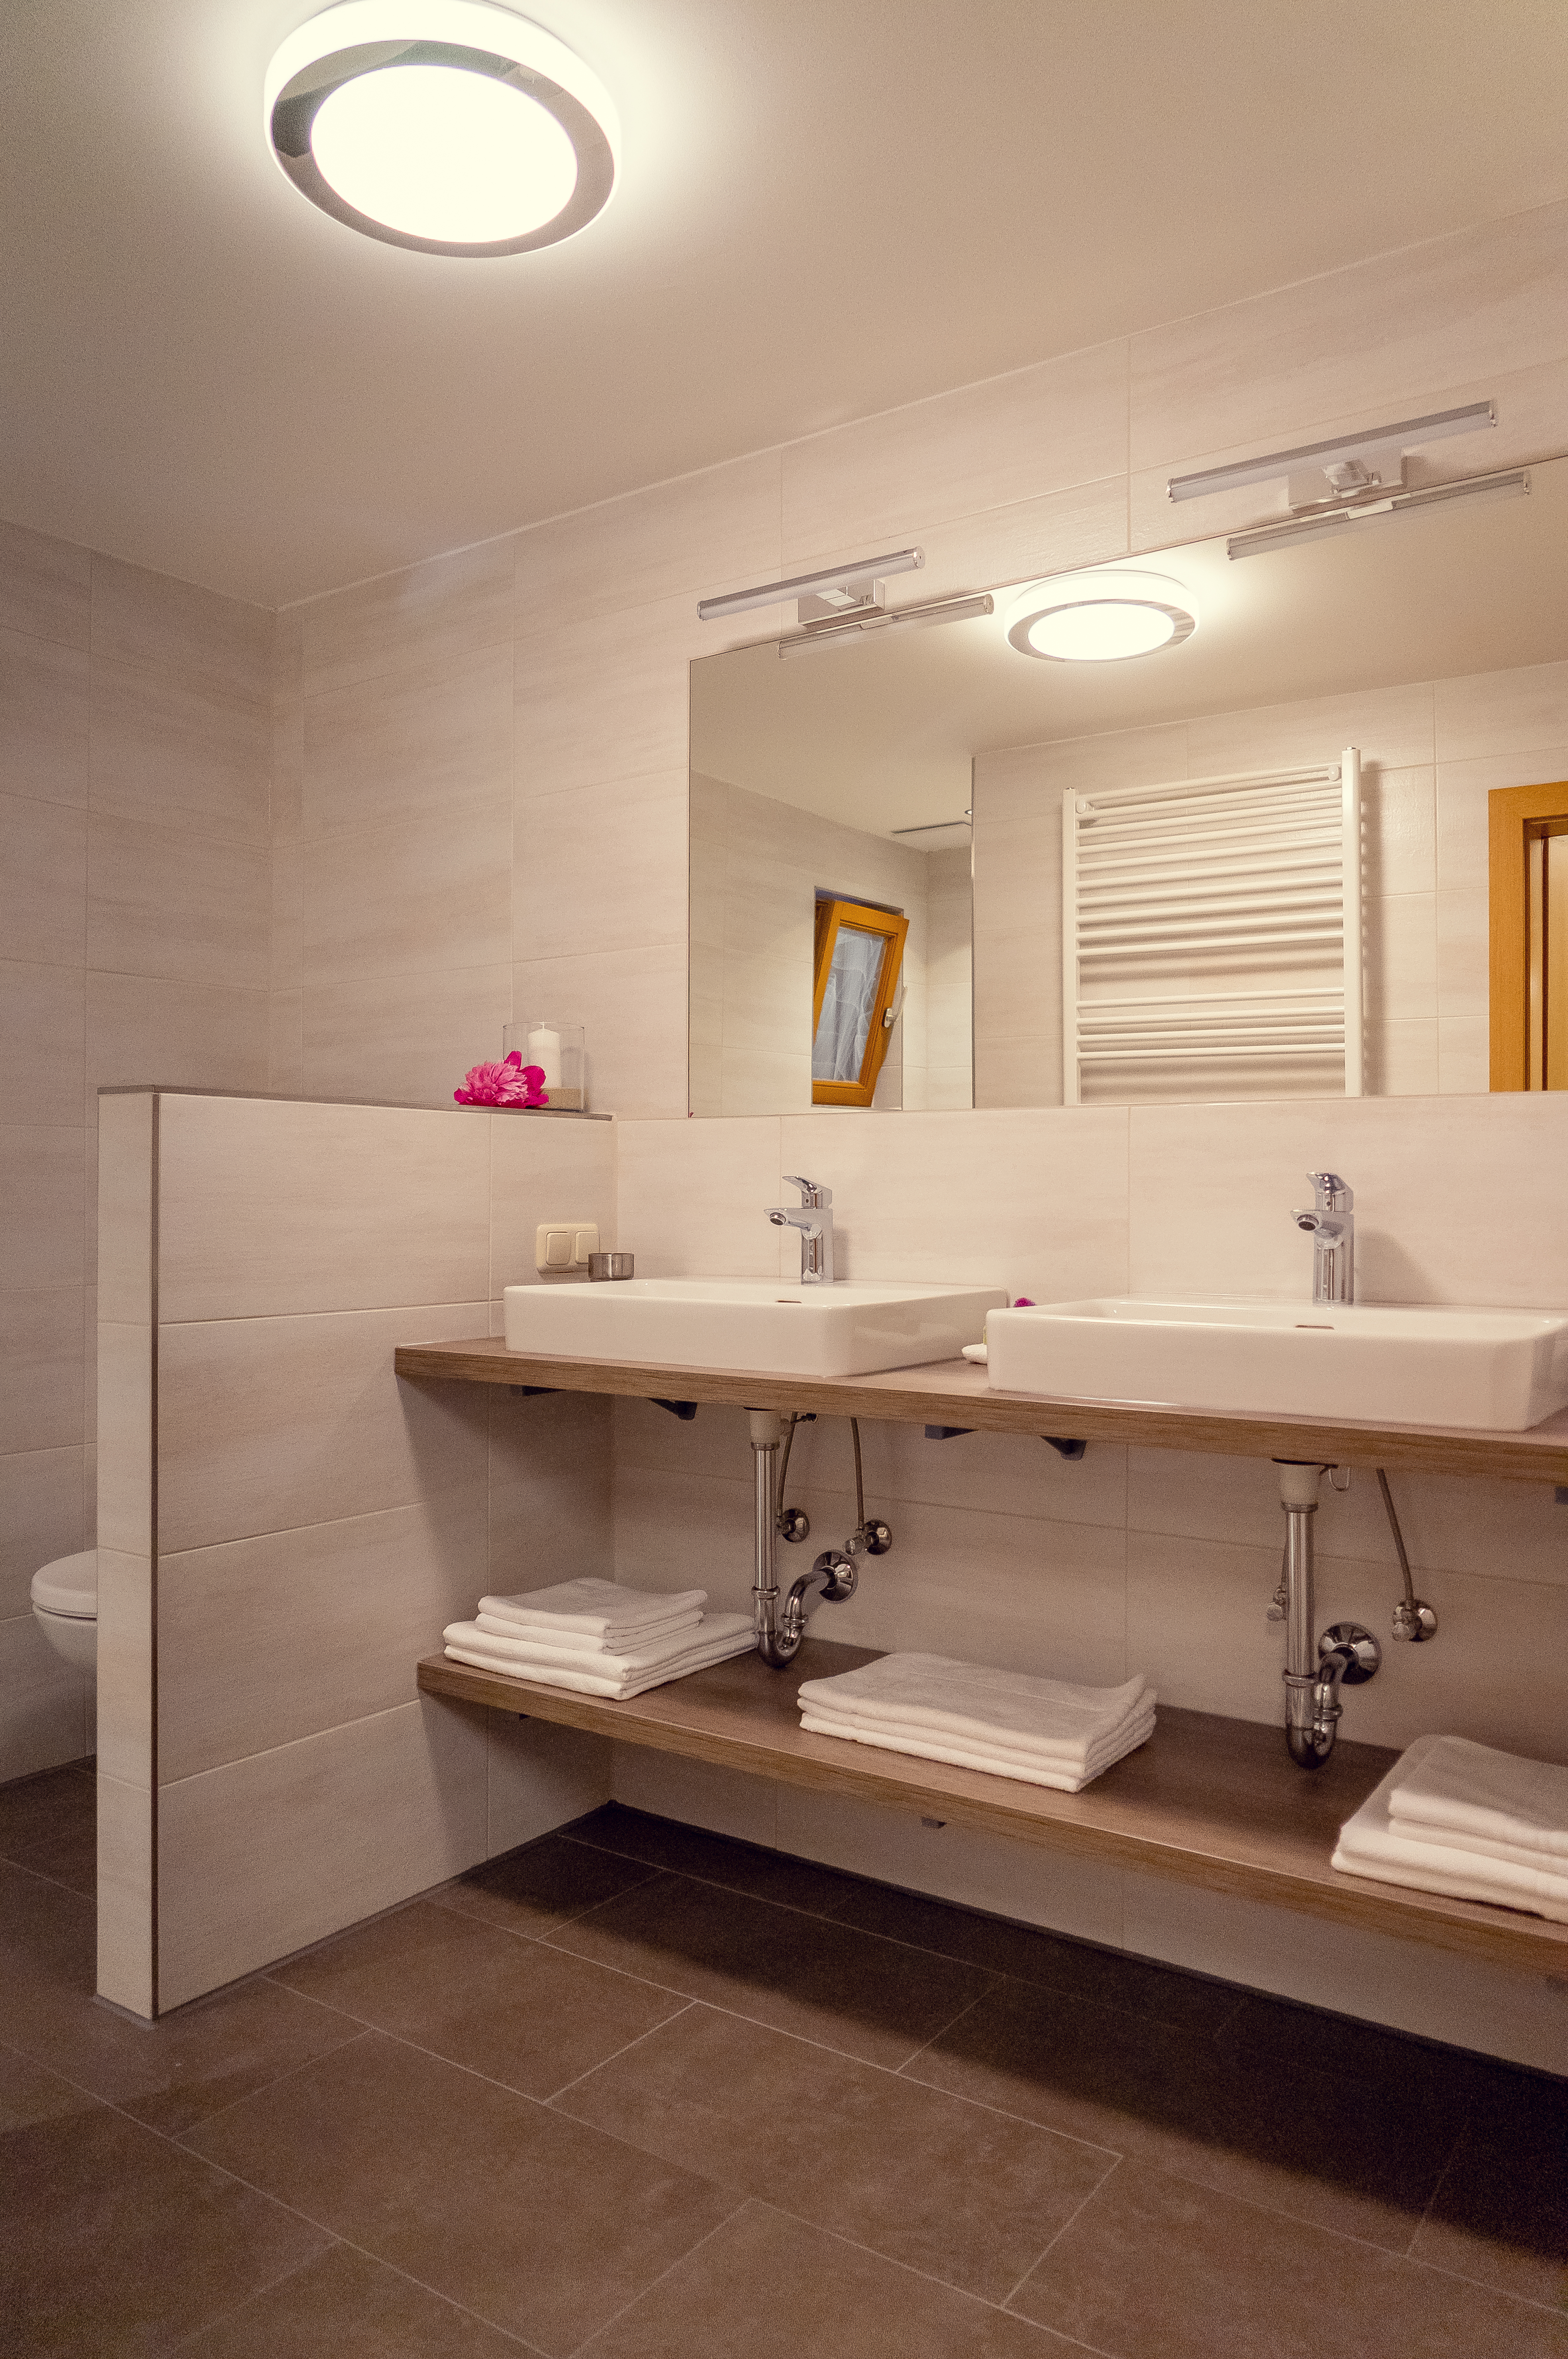 Badezimmer mit 2 Waschbecken und bodengleicher Dusche